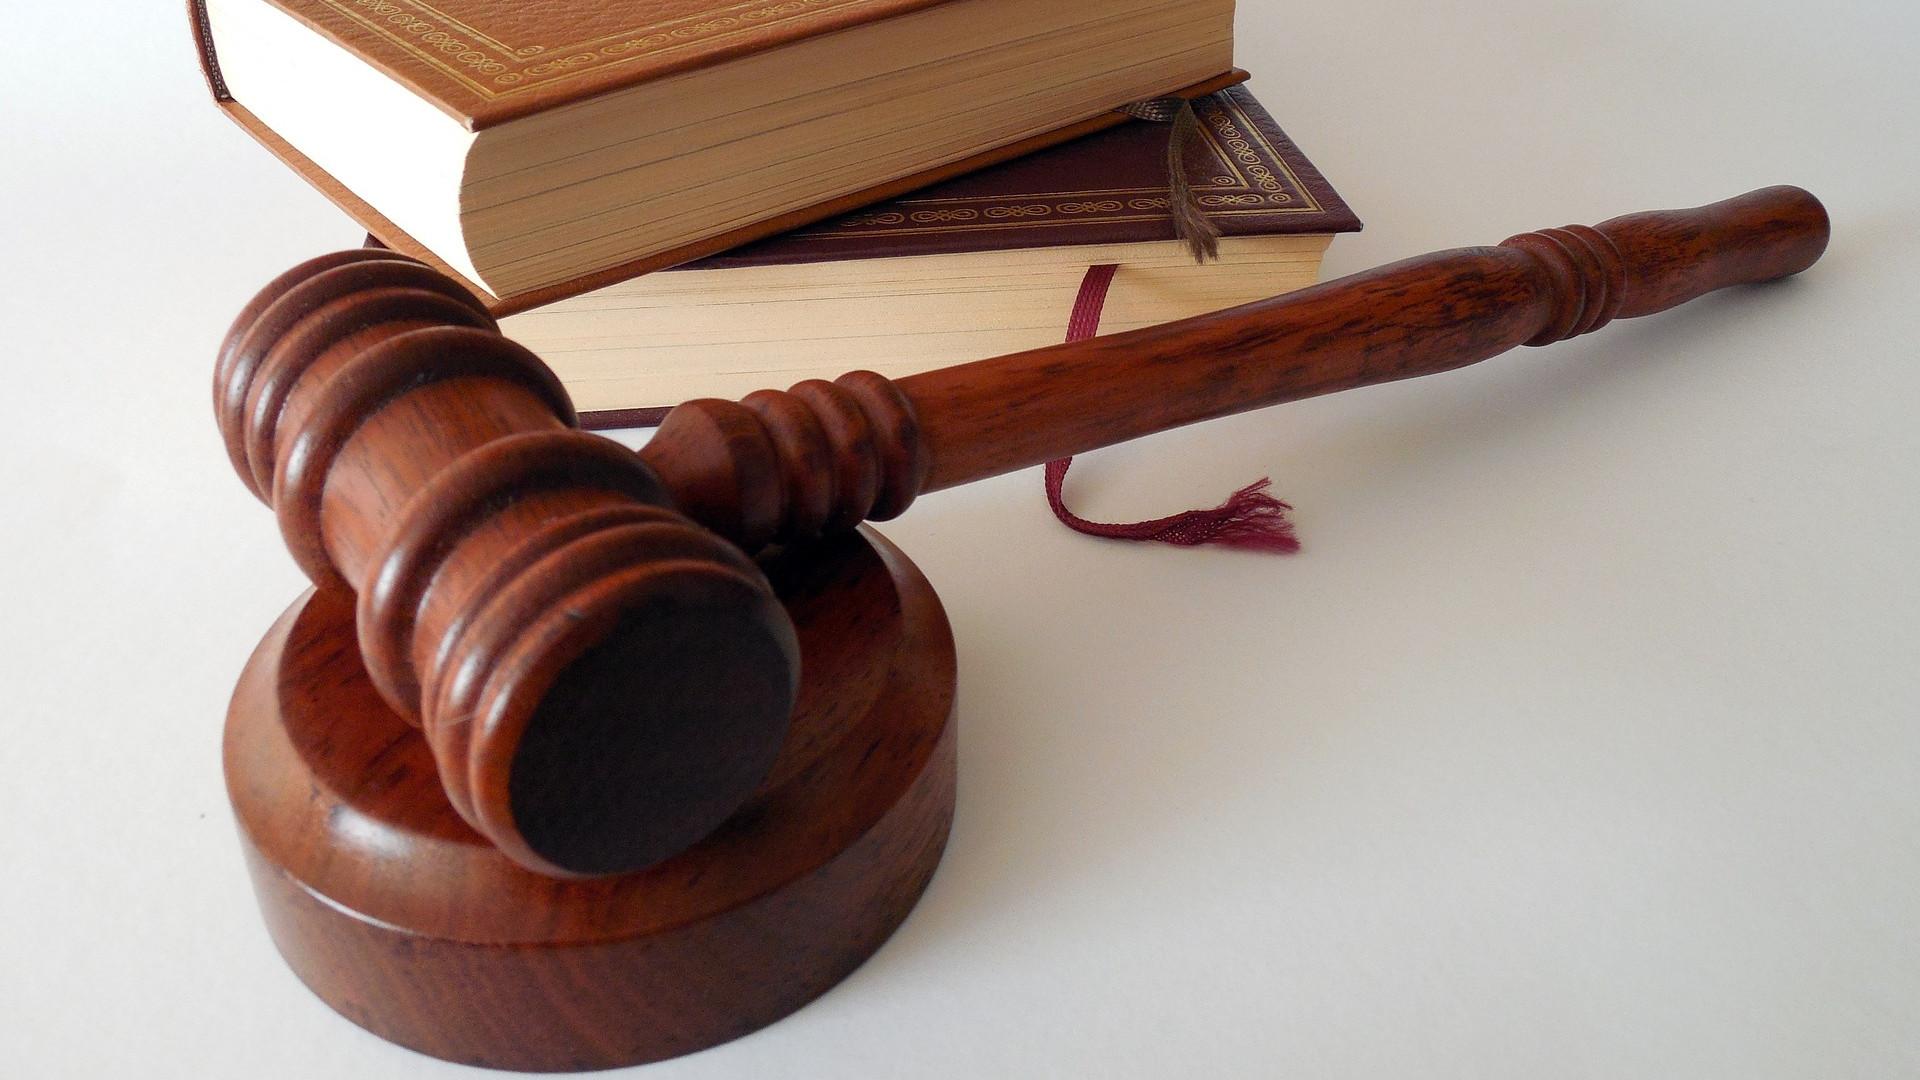 Суд признал законность предписаний Госжилинспекции в отношении регоператора в Ступине